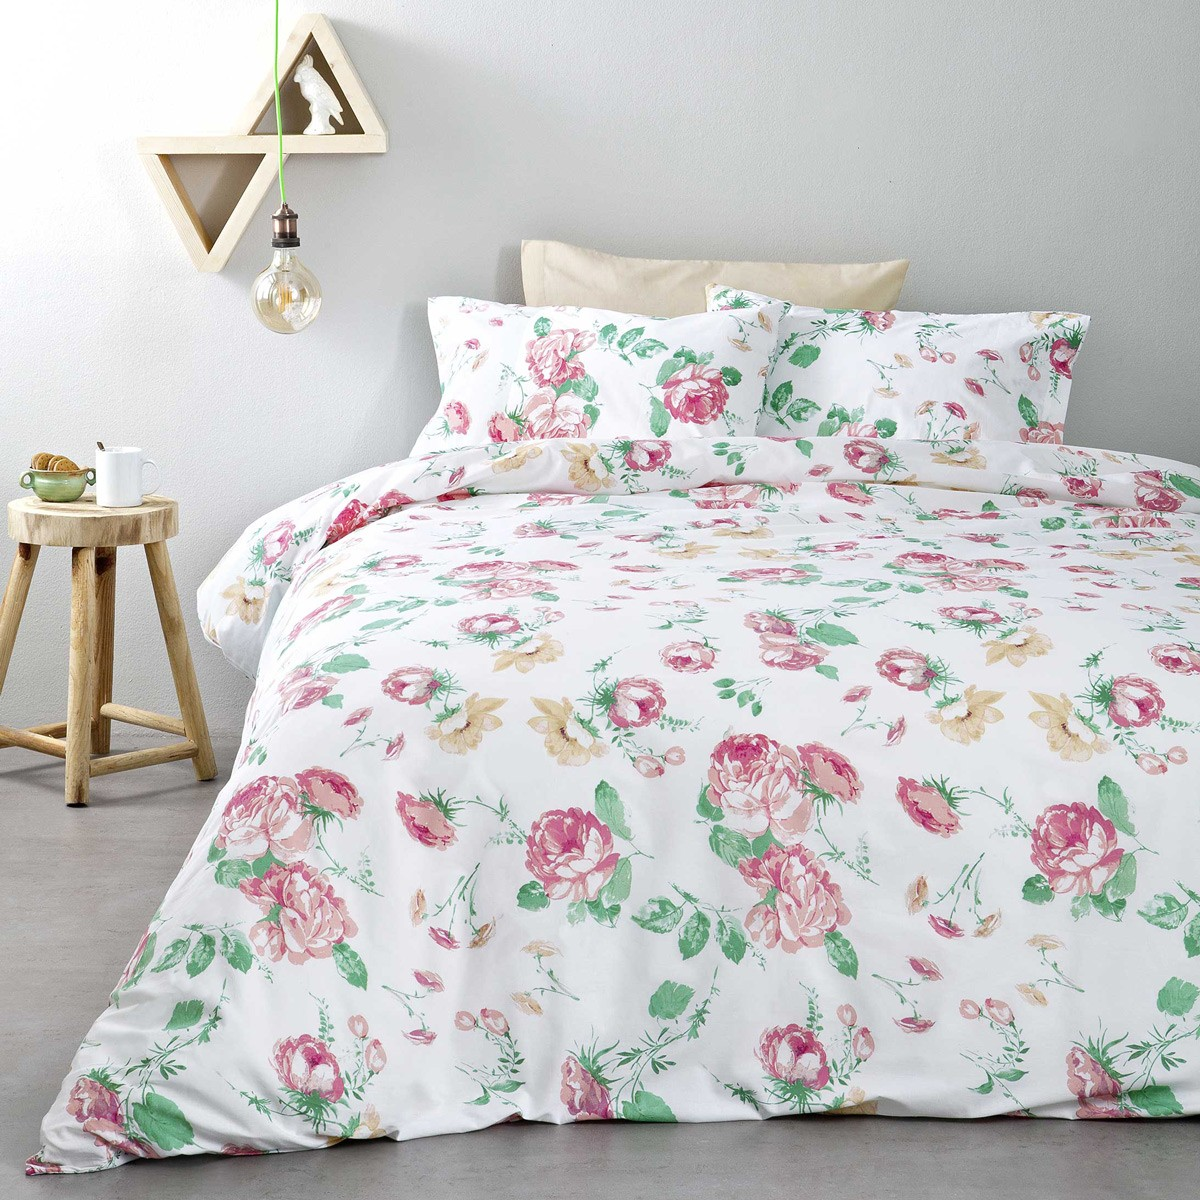 Κουβερλί Υπέρδιπλο Nima Bed Linen Blooming